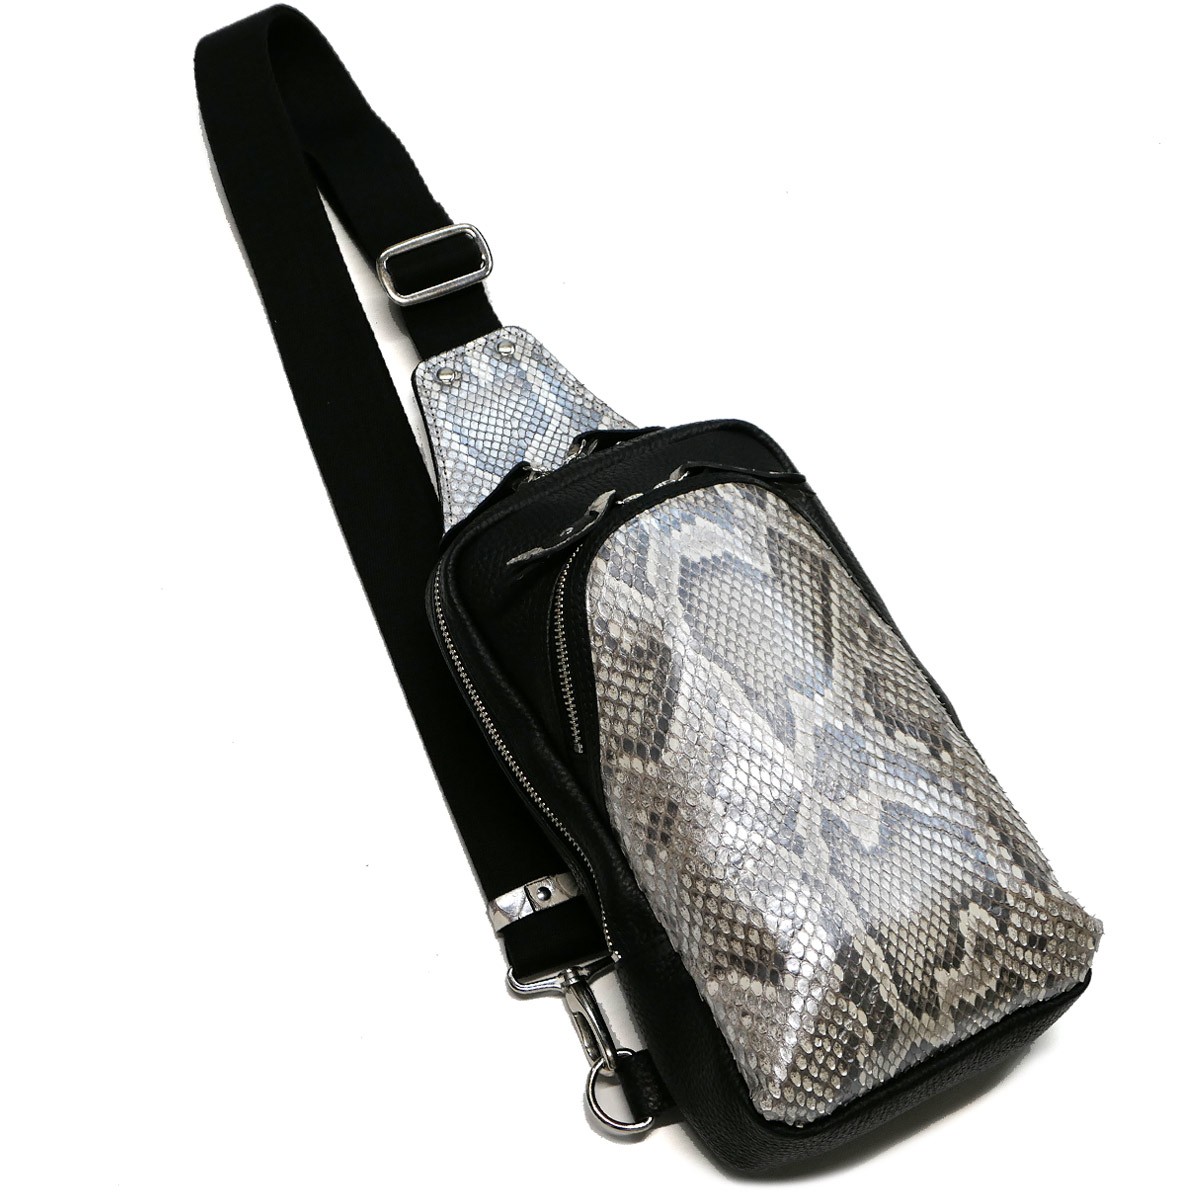 ボディーバック ワンショルダーバッグ メンズ モラレス パイソン革 蛇革 本革 斜めがけ 大容量 パール シルバー 2